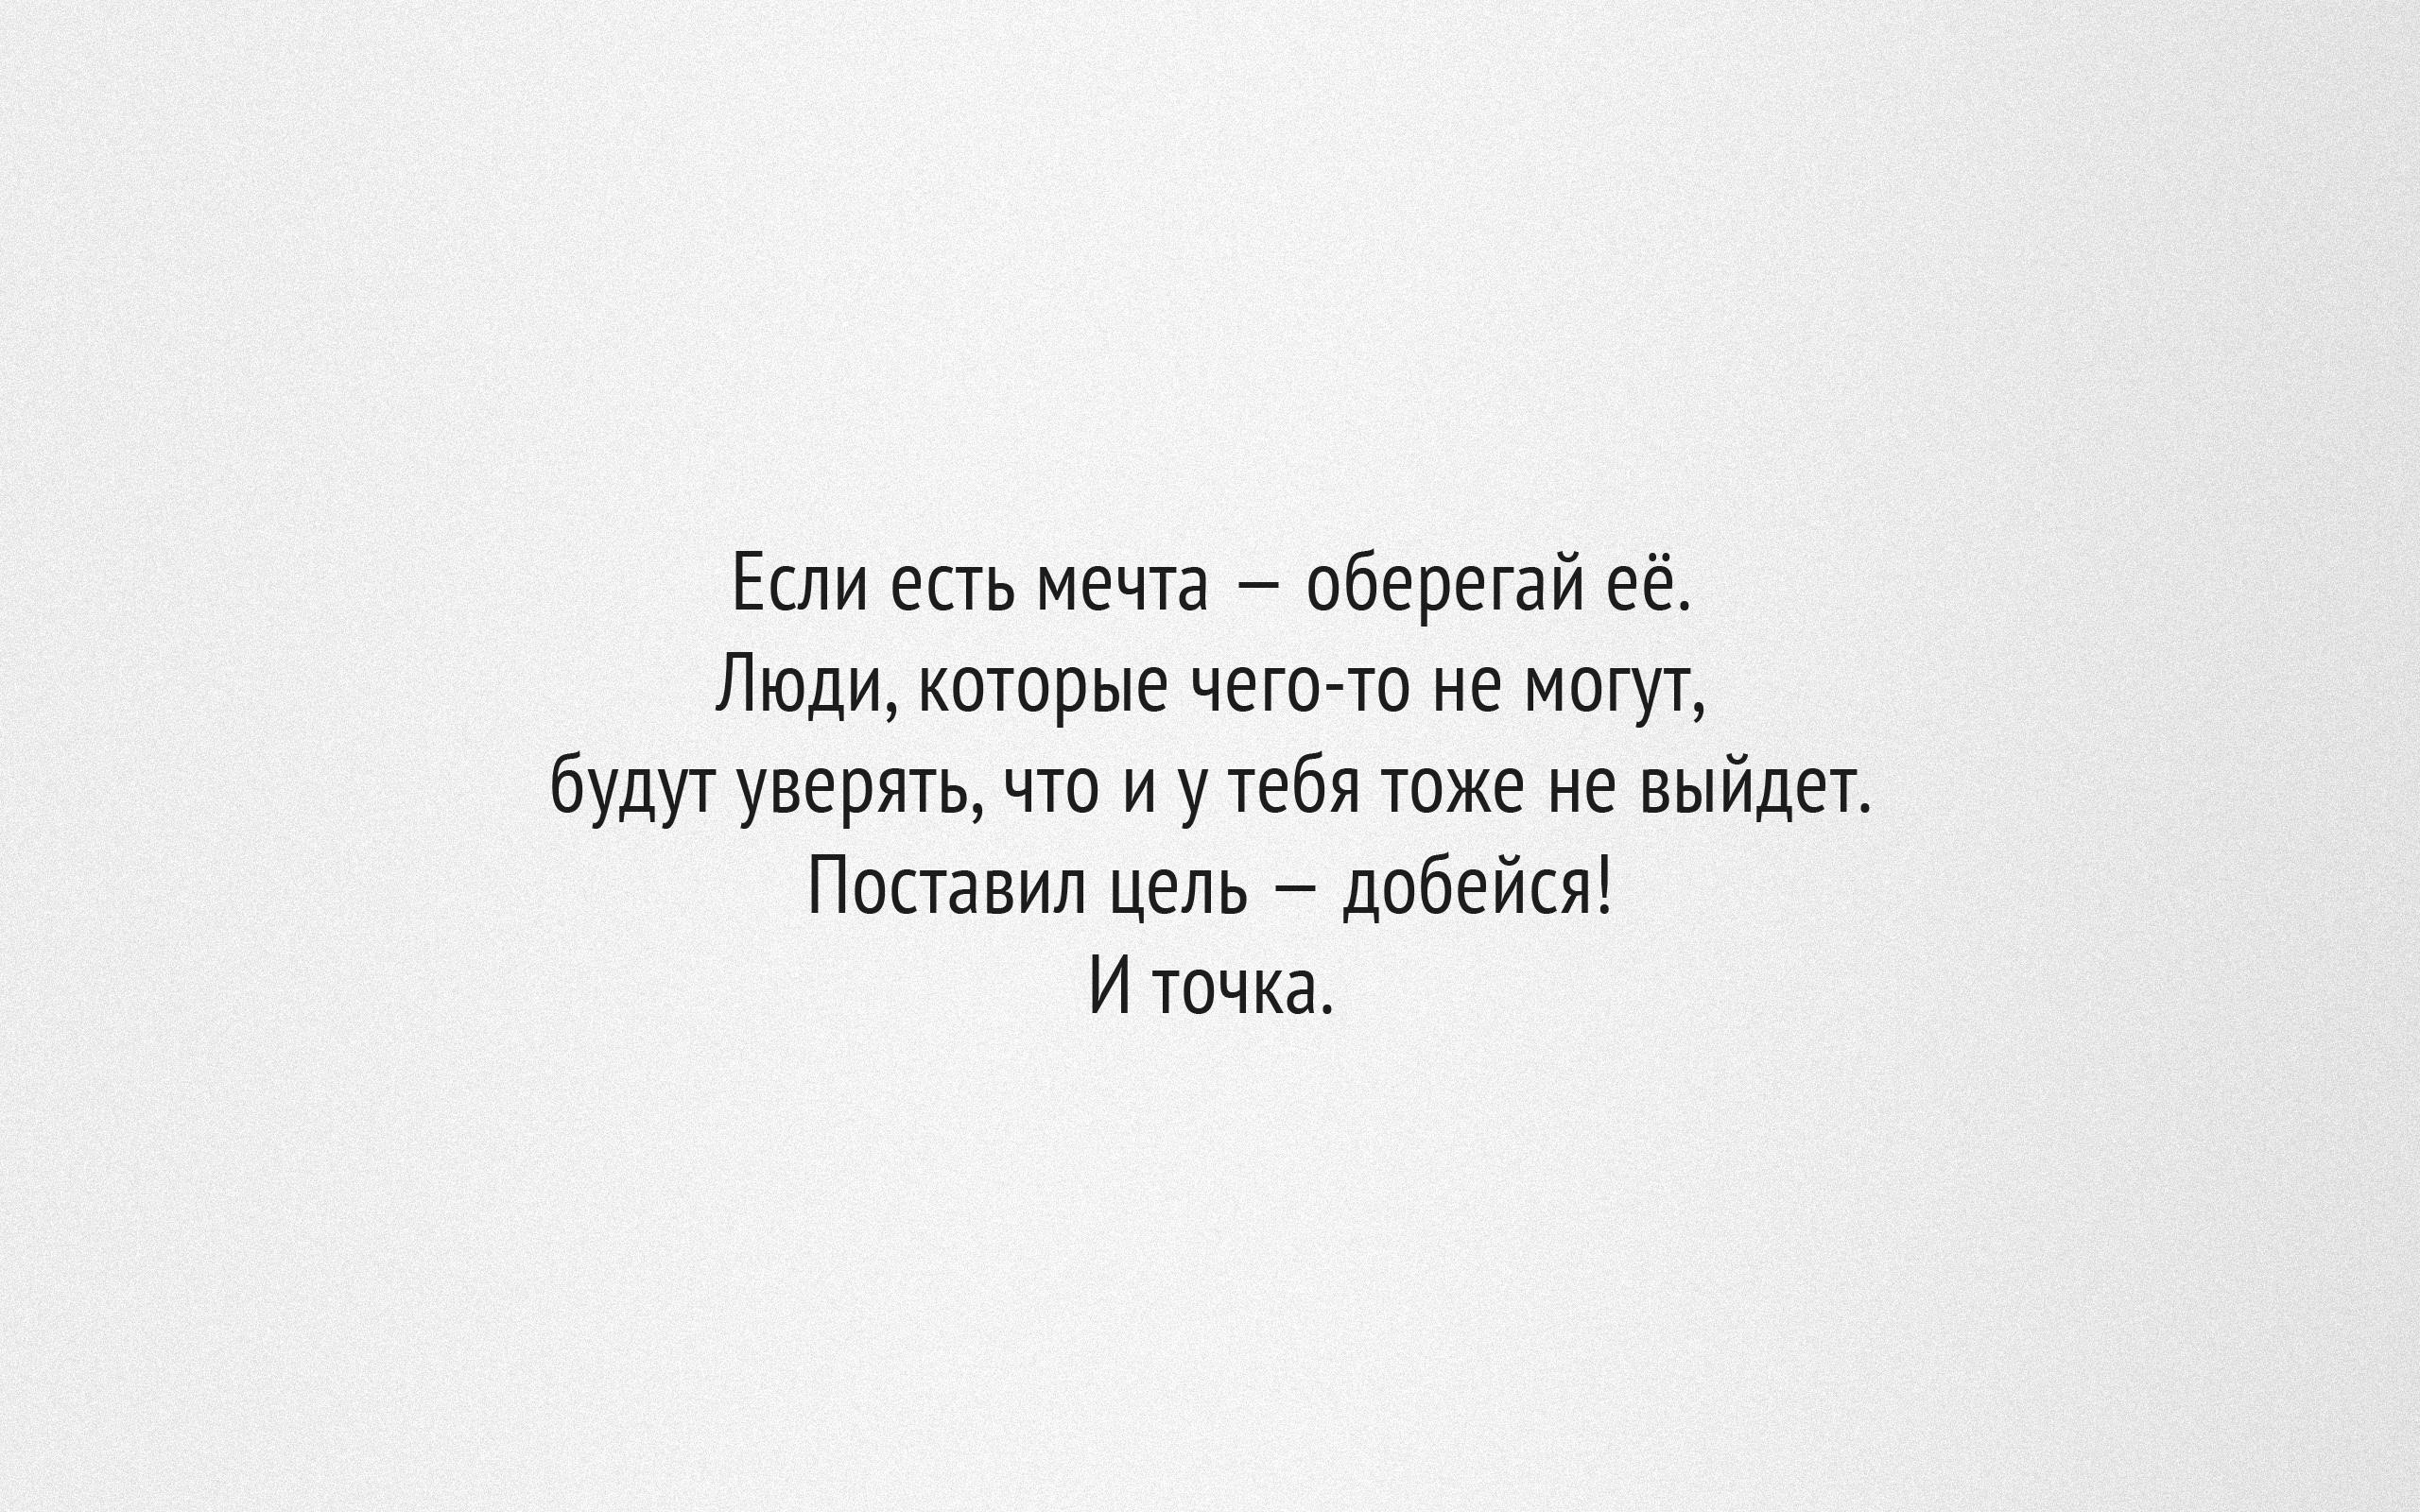 обои на рабочий стол с надписями на русском языке № 130939  скачать